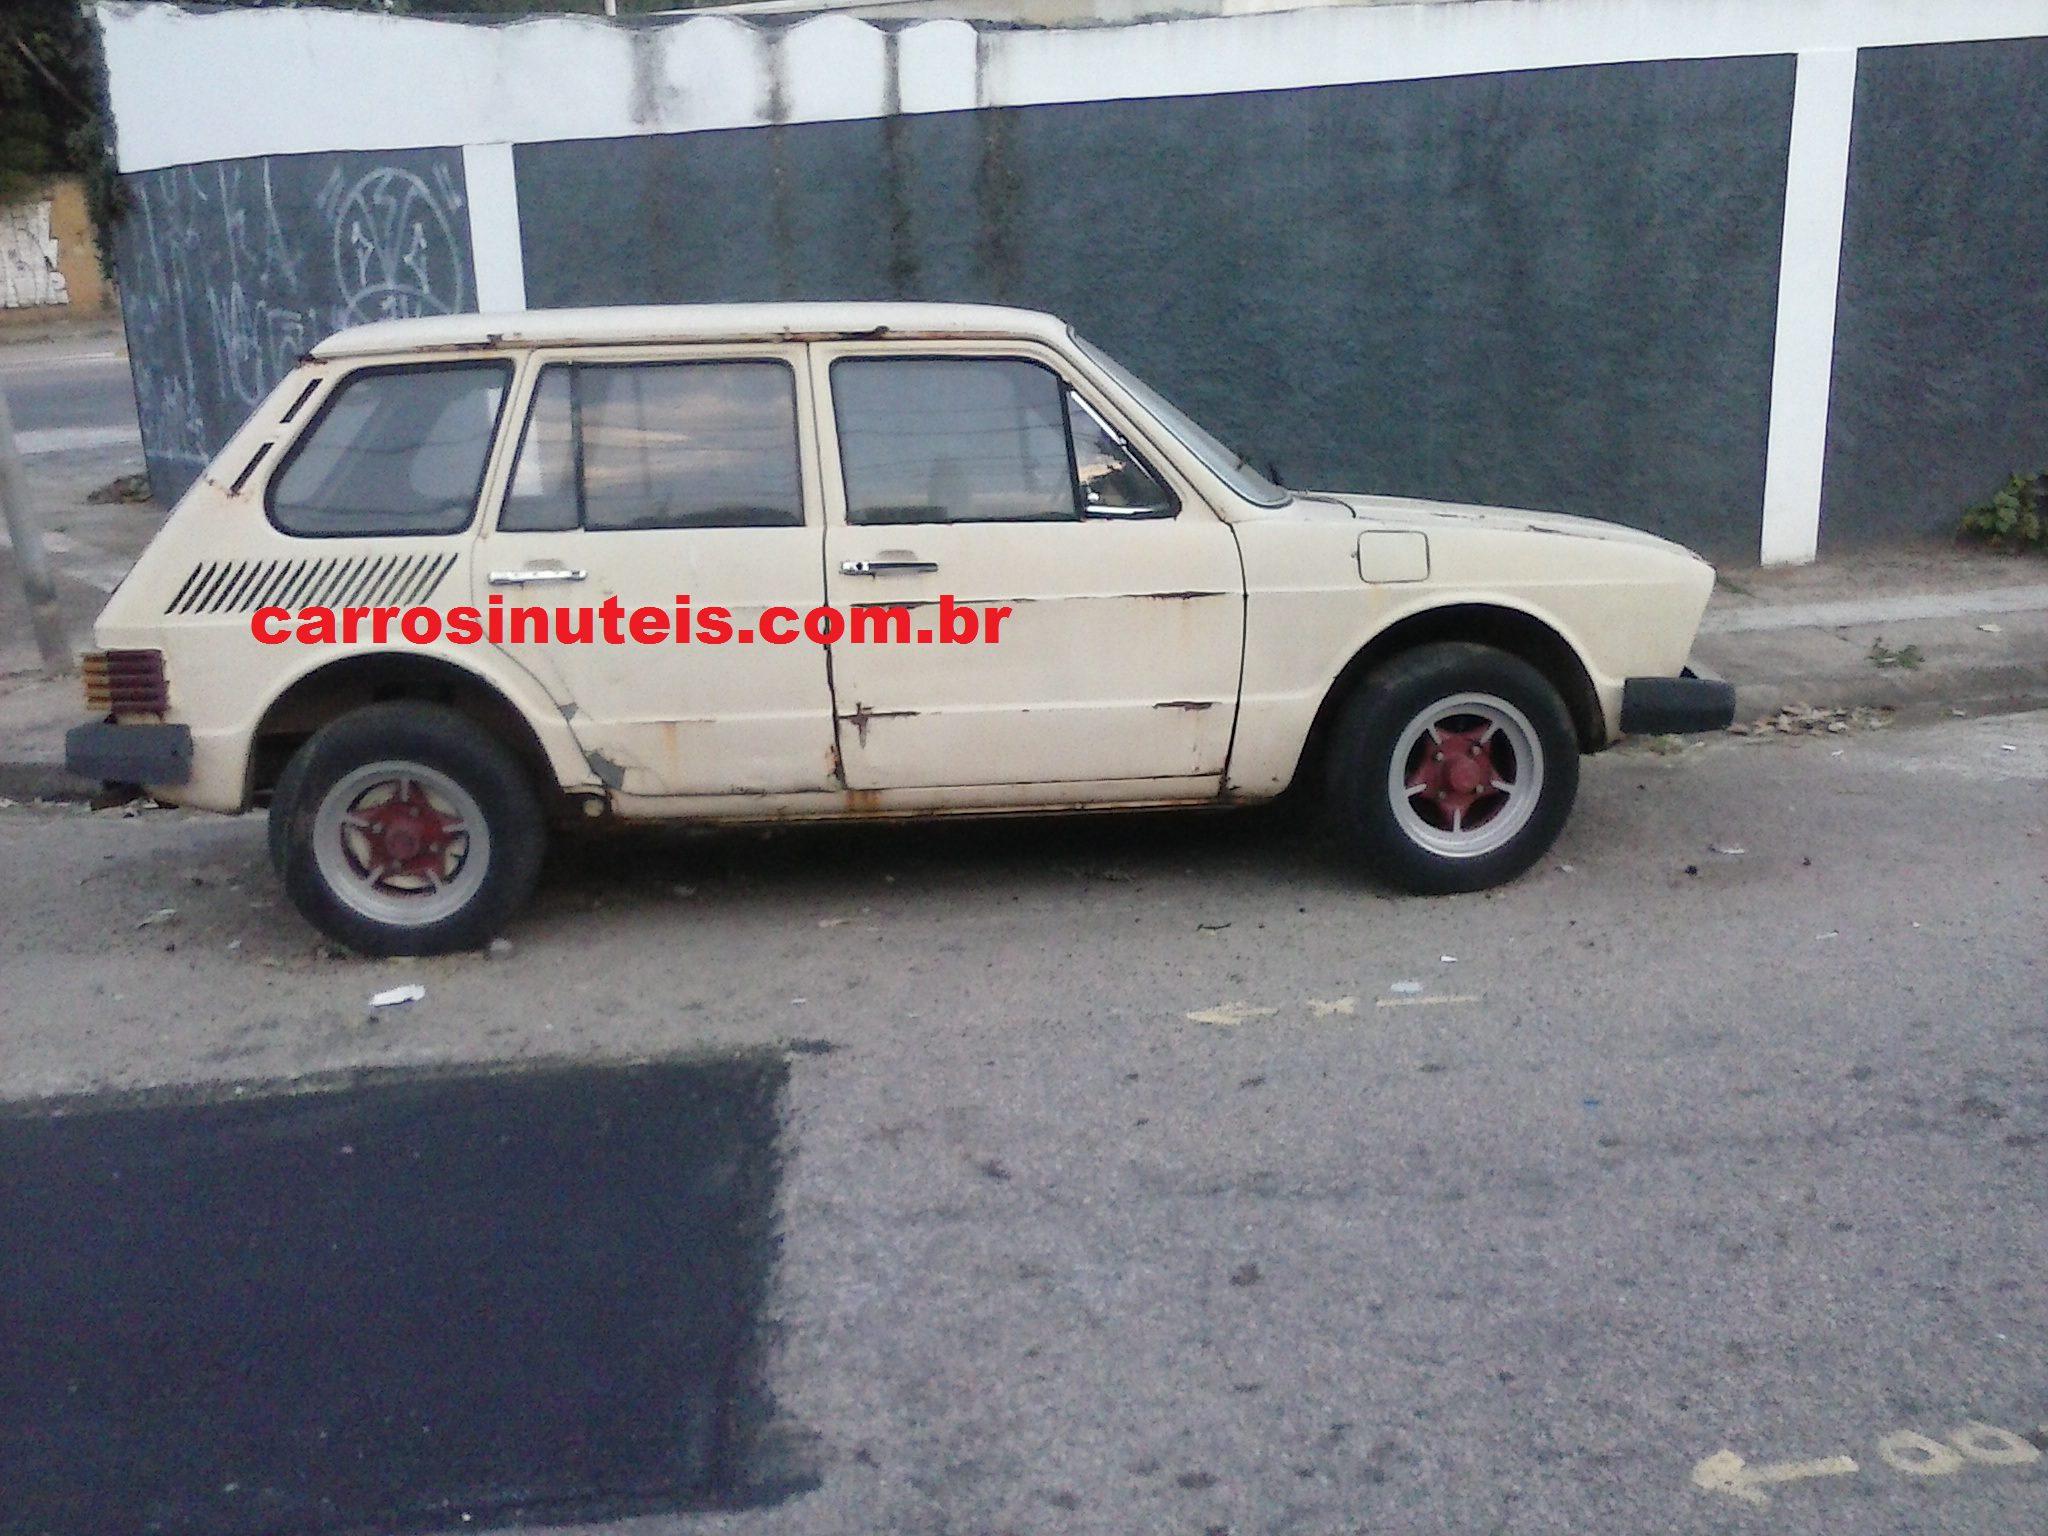 Fernando-Brasília-Jundiaí-São-Paulo VW Brasília, Jundiaí, São Paulo, Fernando